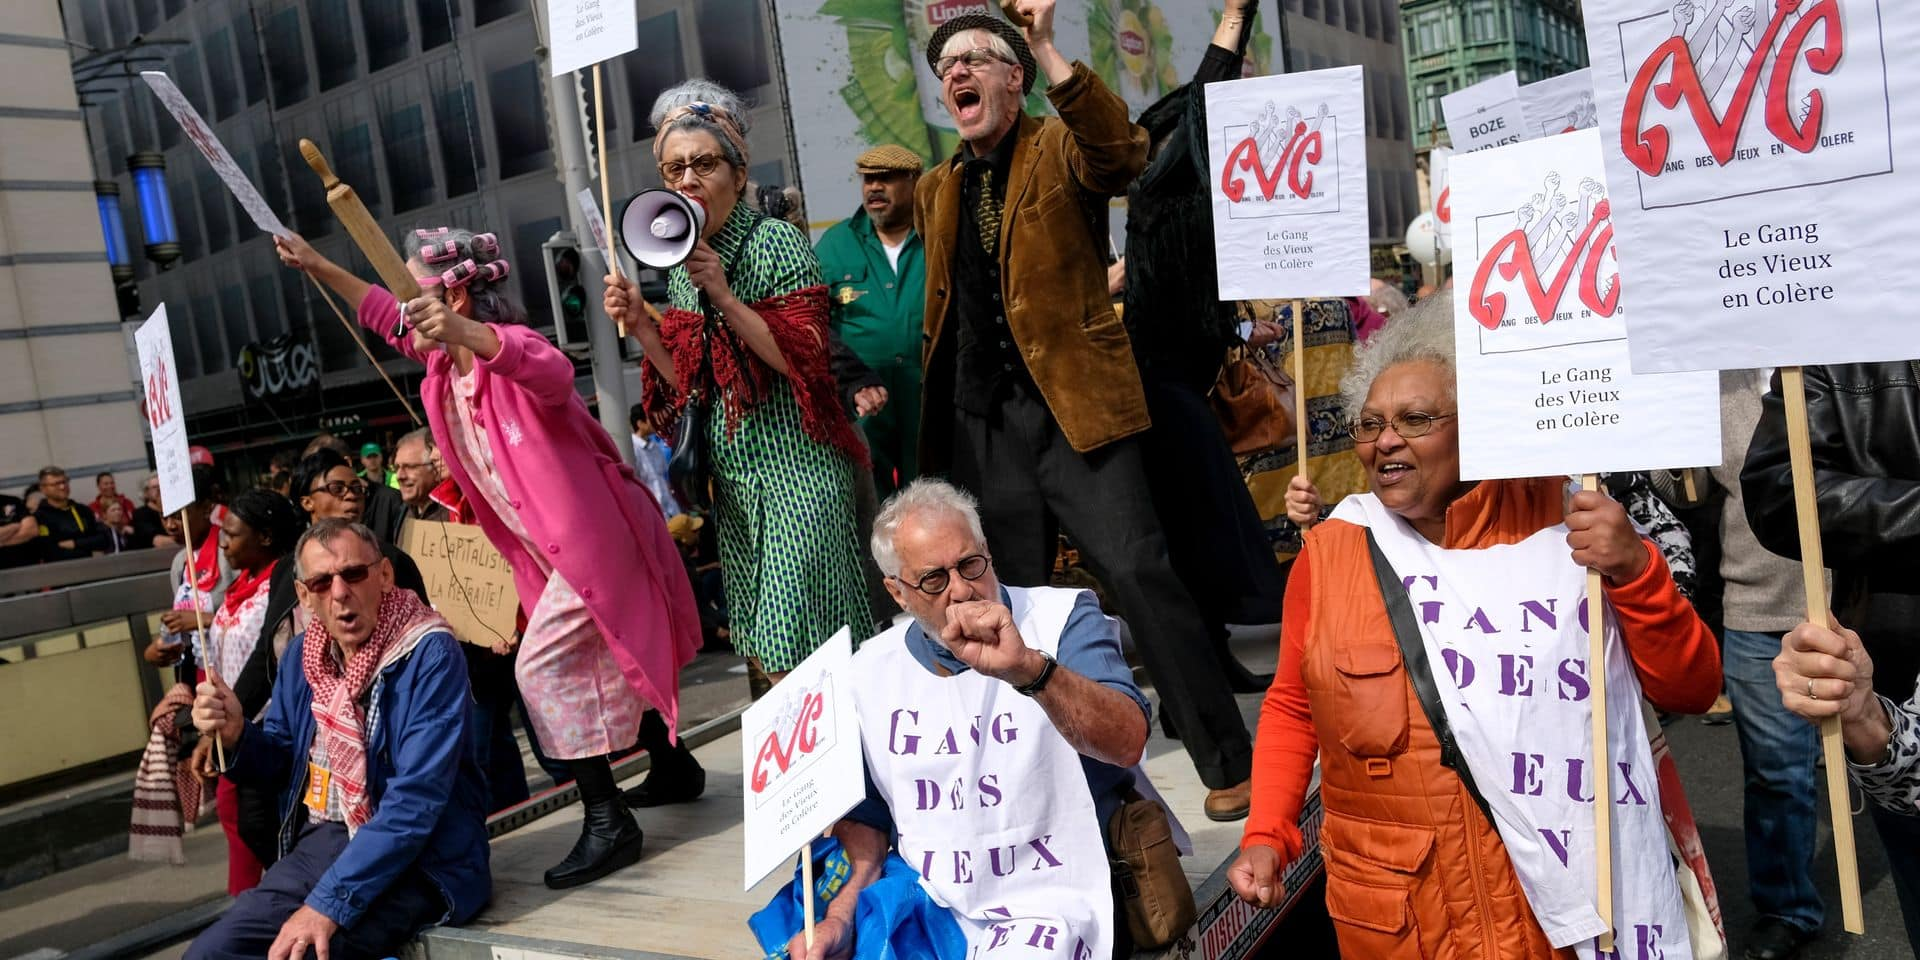 """En maison de repos, les résidents sont vaccinés mais toujours confinés : """"Ça suffit, les seniors doivent retrouver une liberté totale !"""""""